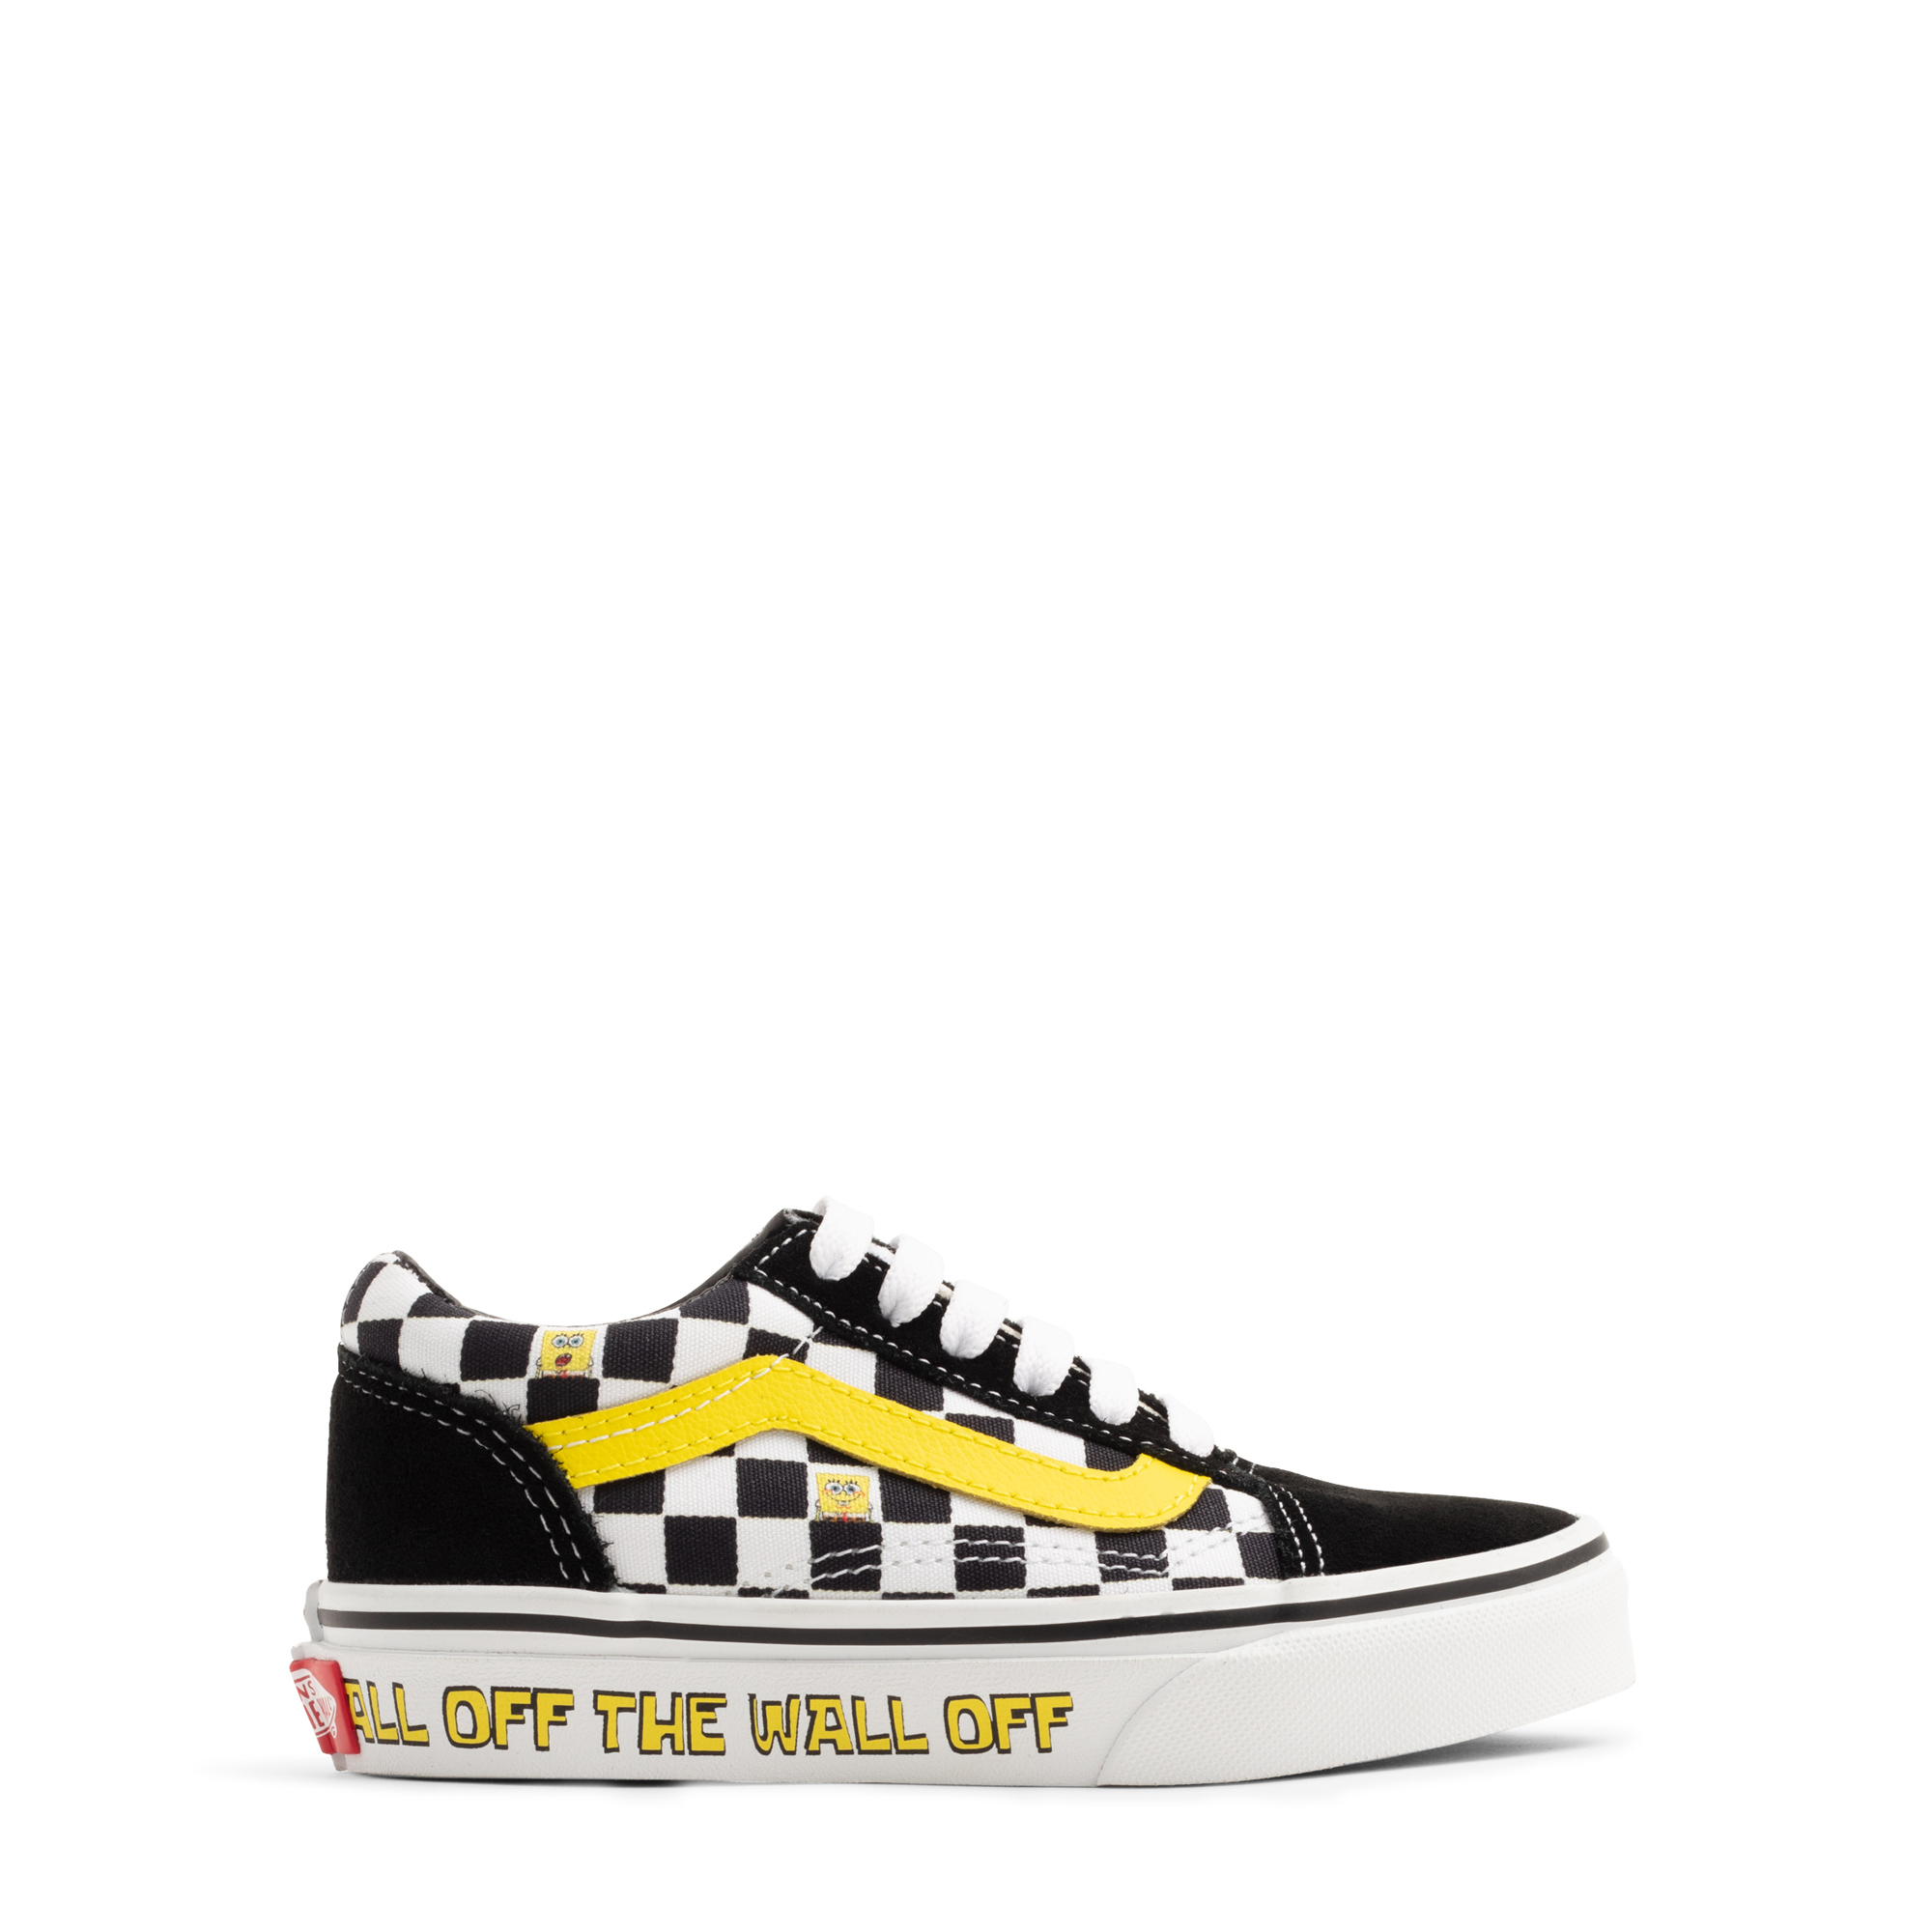 x SpongeBob Old Skool sneakers